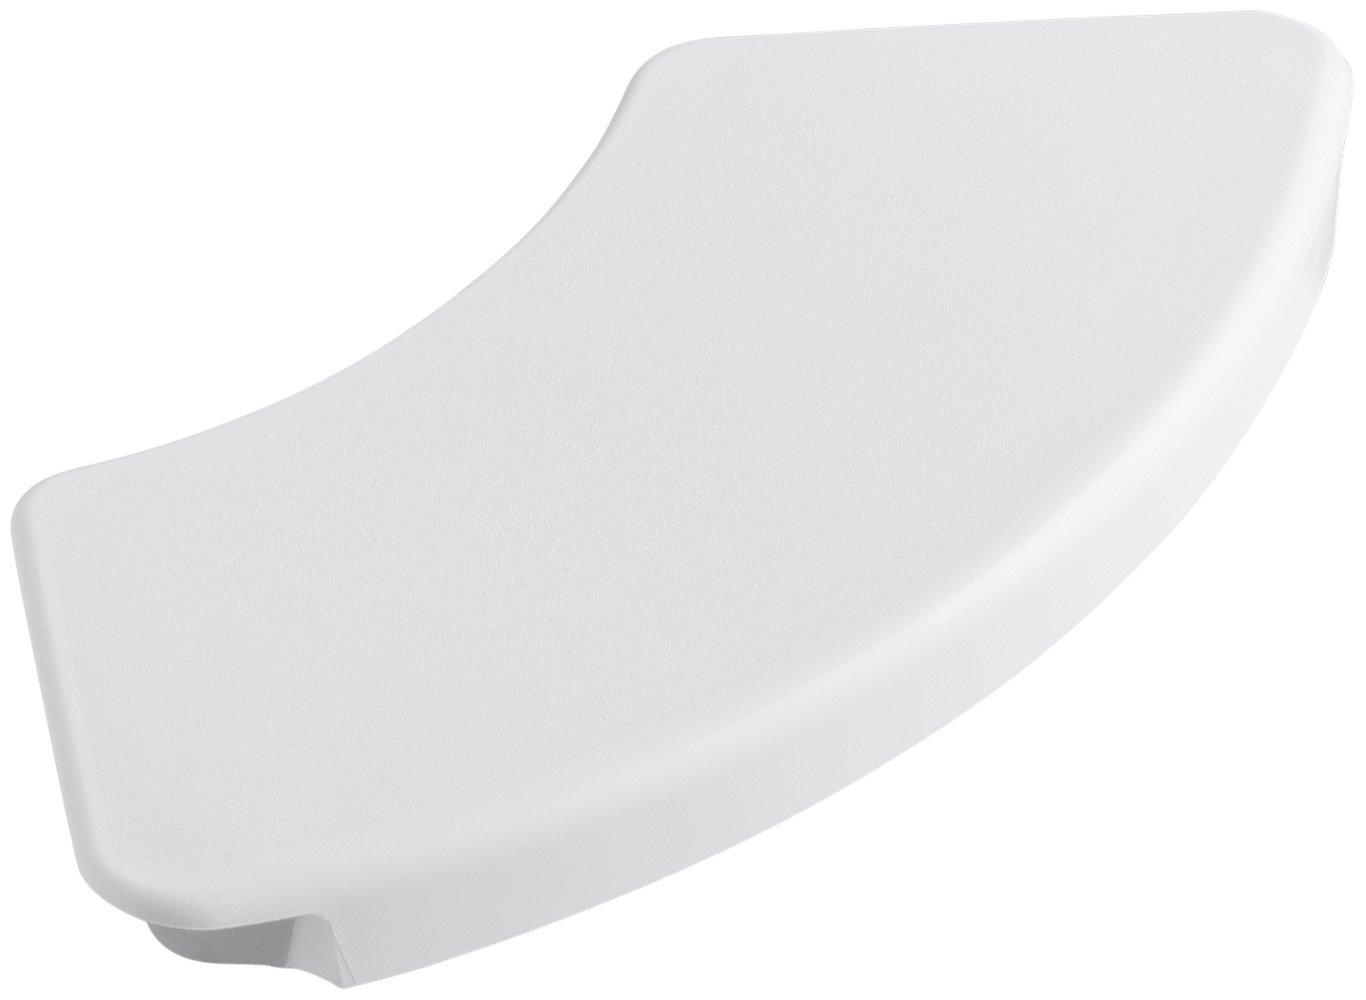 KOHLER K-9499-0 Removable Shower Seat, White